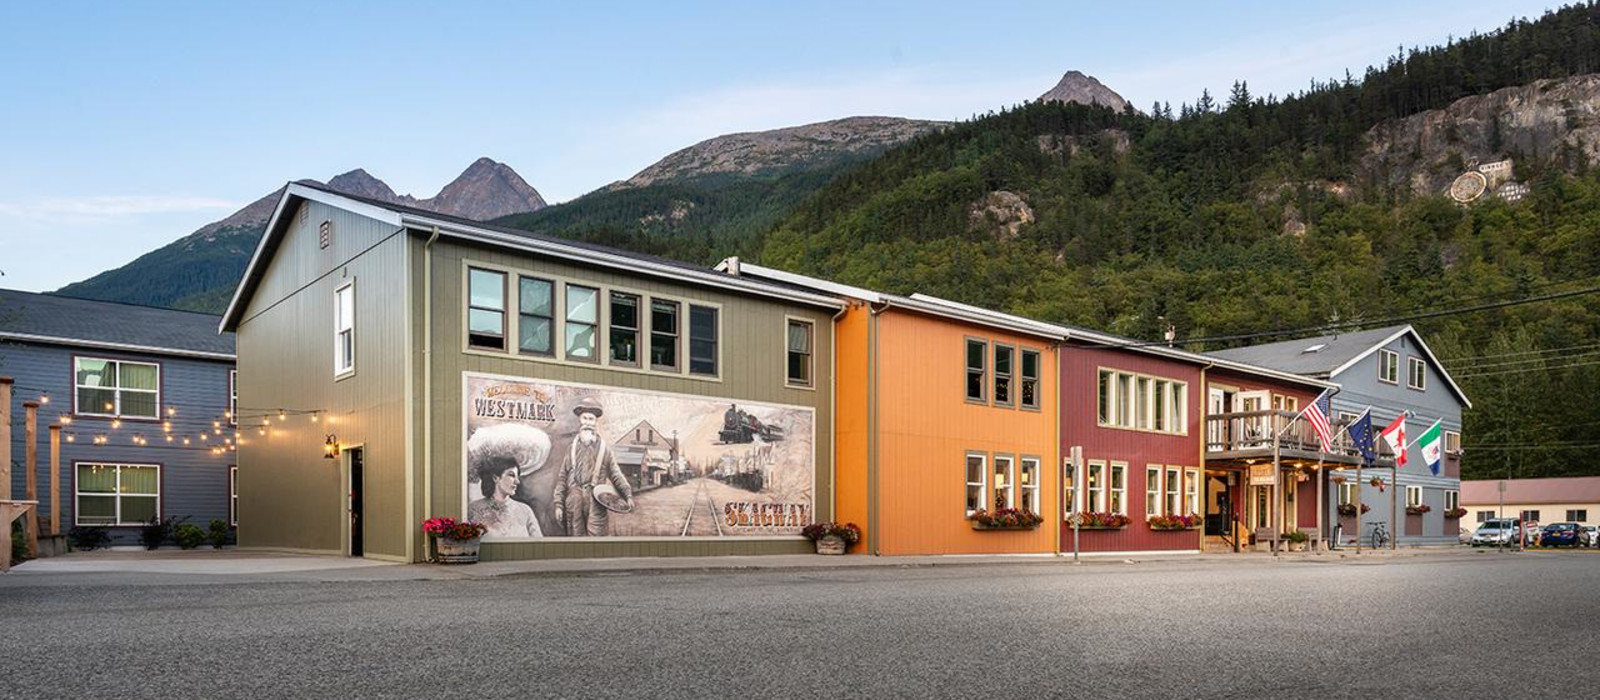 Hotel Westmark Inn Skagway Alaska